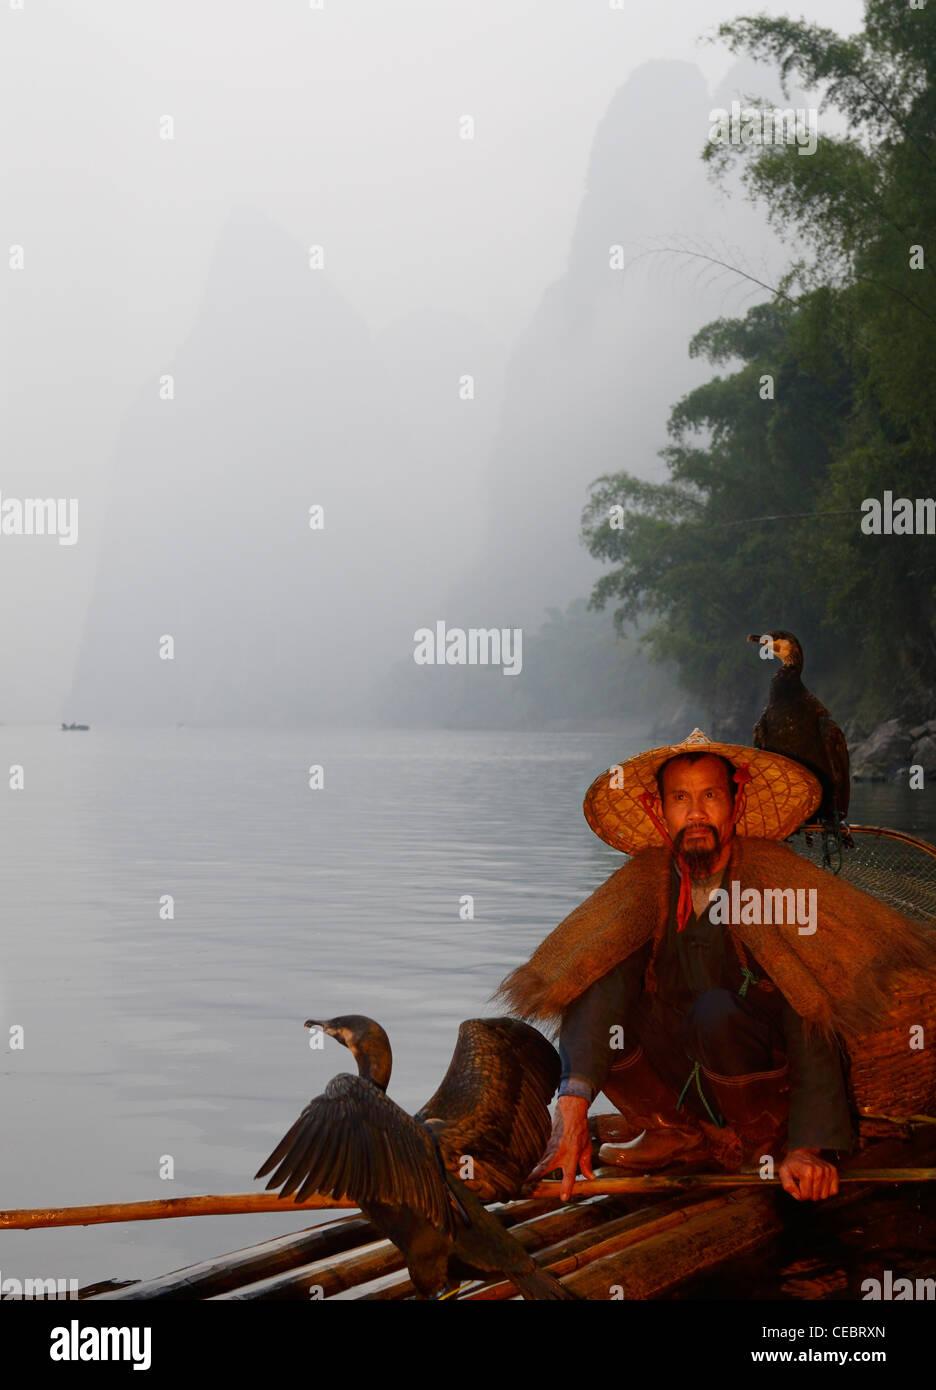 Cormorant fisherman on a bamboo raft on the Li river with Karst mountain peaks Xingpingzhen Yangshuo, Guilin, Guangxi China Stock Photo